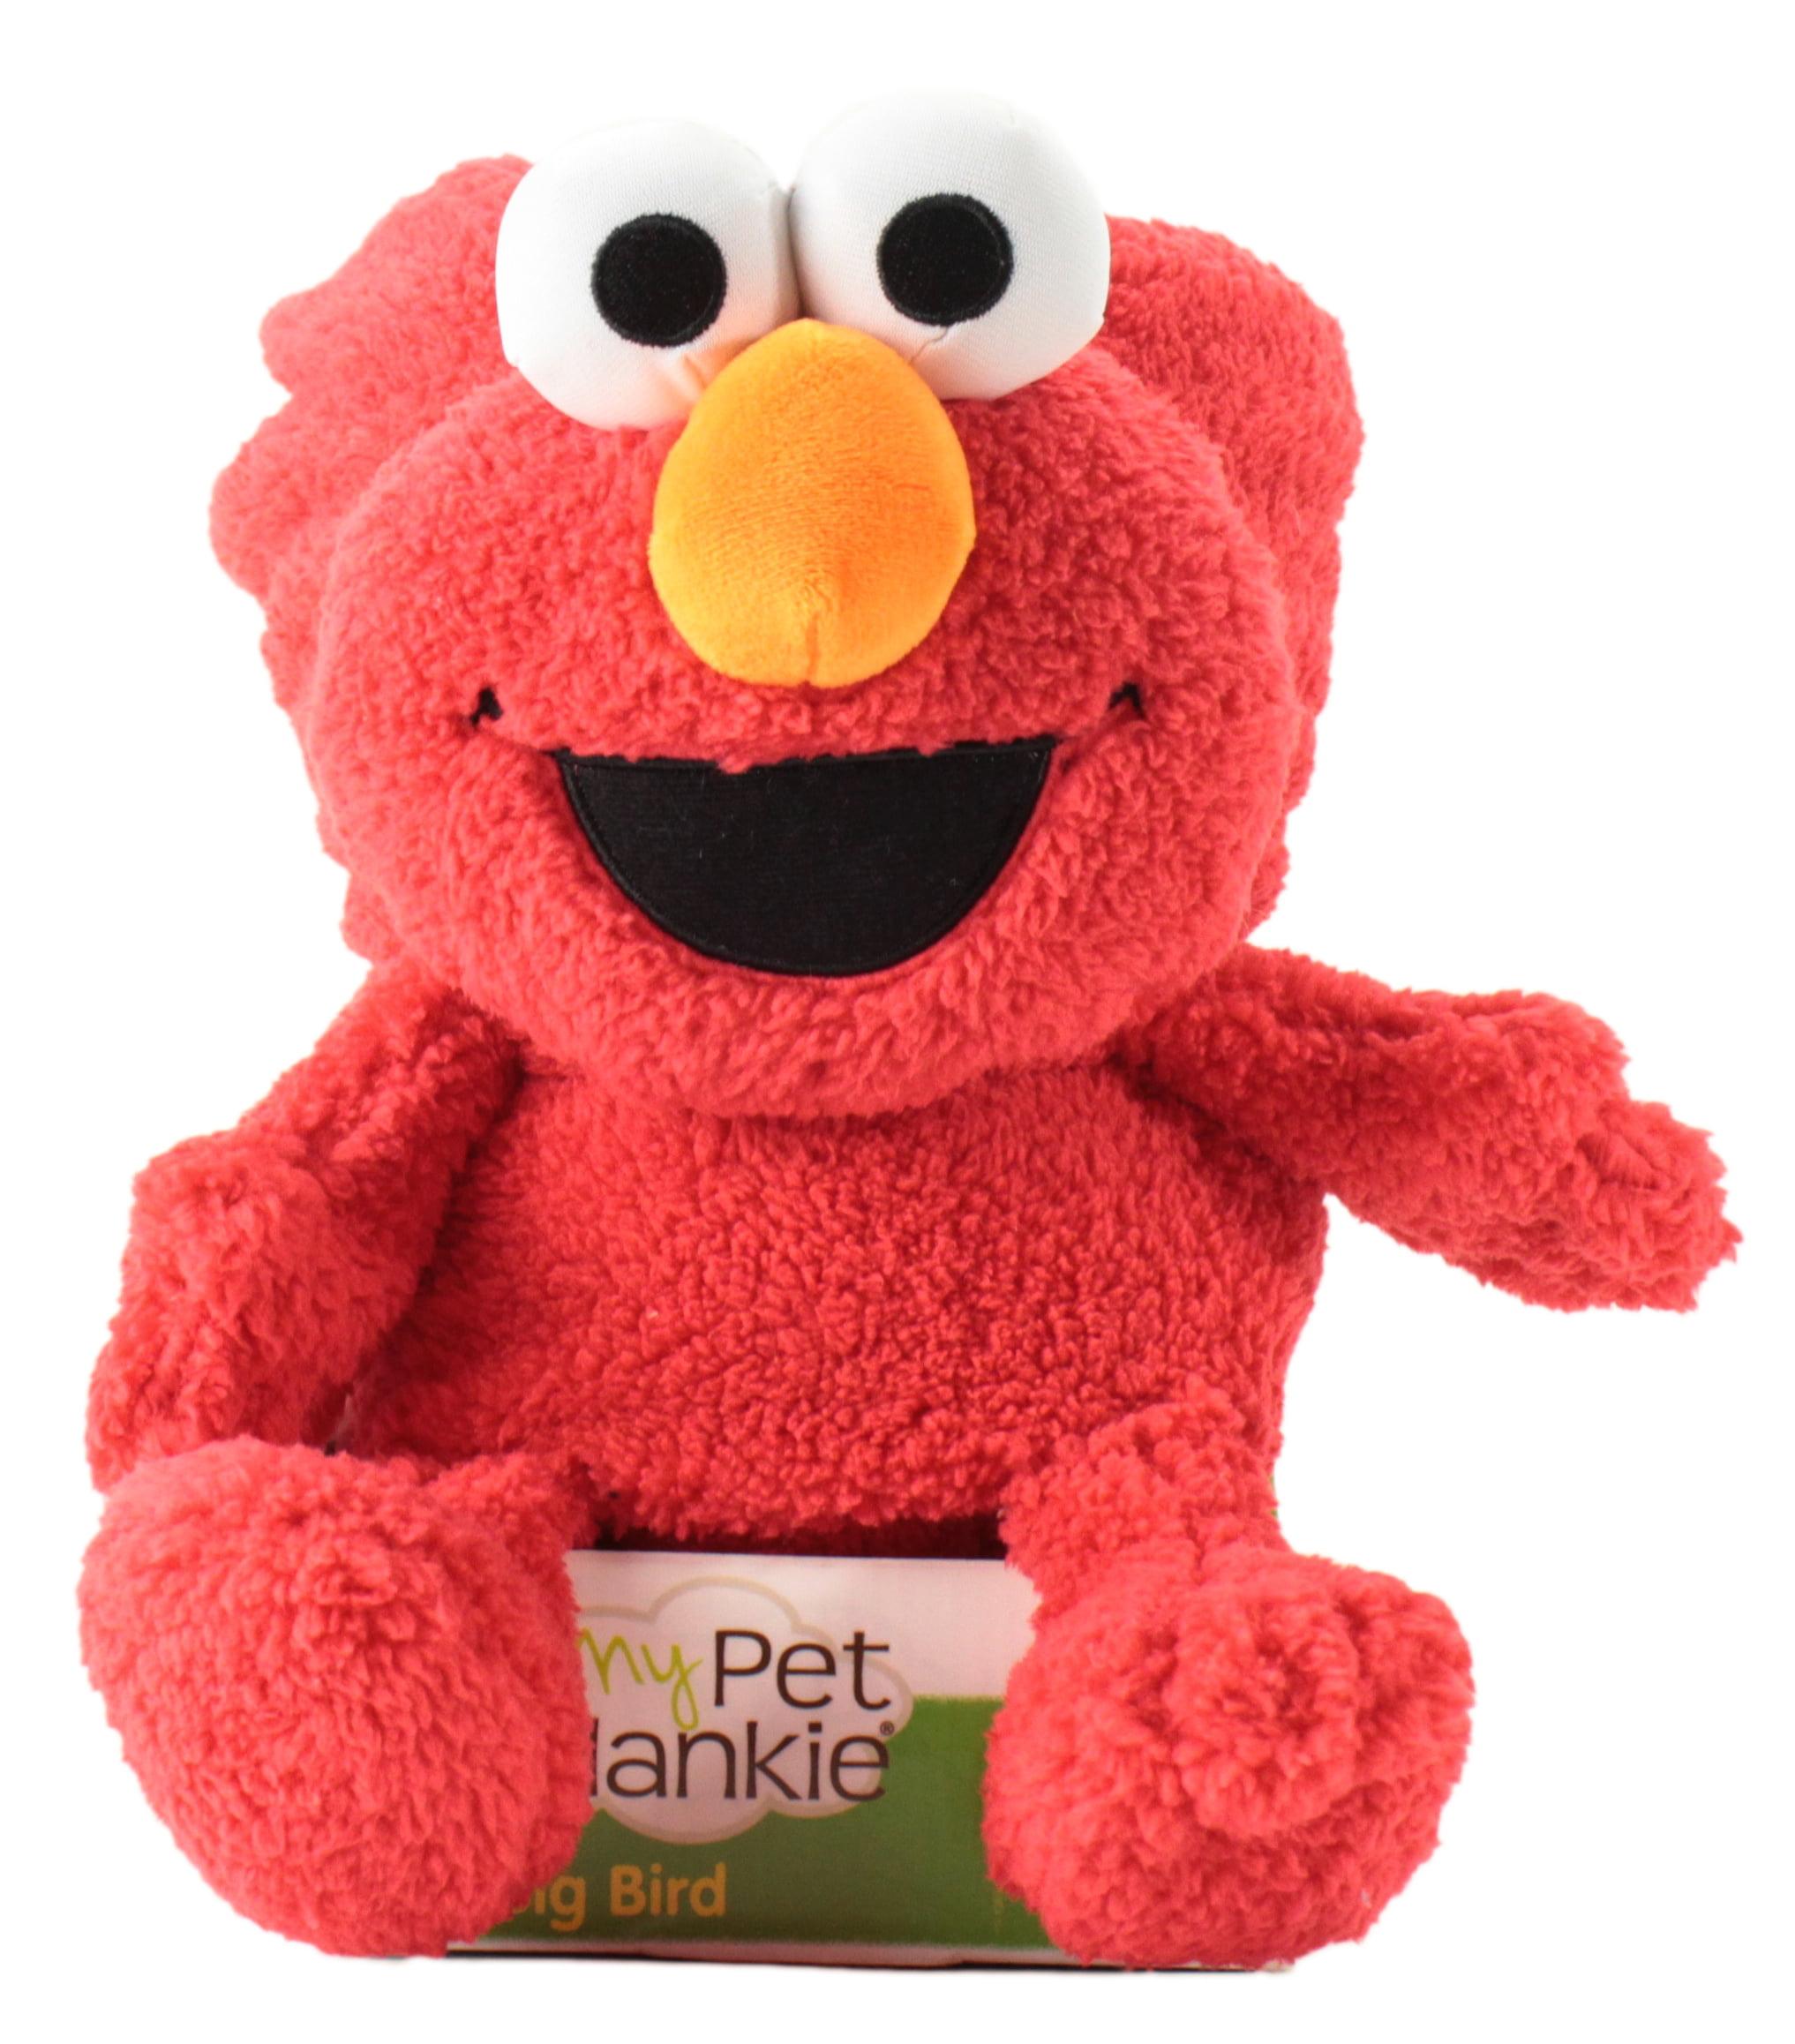 """Sesame Street's Elmo My pet blankie Fleece Blankie   Soft & Cuddly Plush Elmo Blankie   26"""" X 39""""  ... by Animal Adventure LLC."""